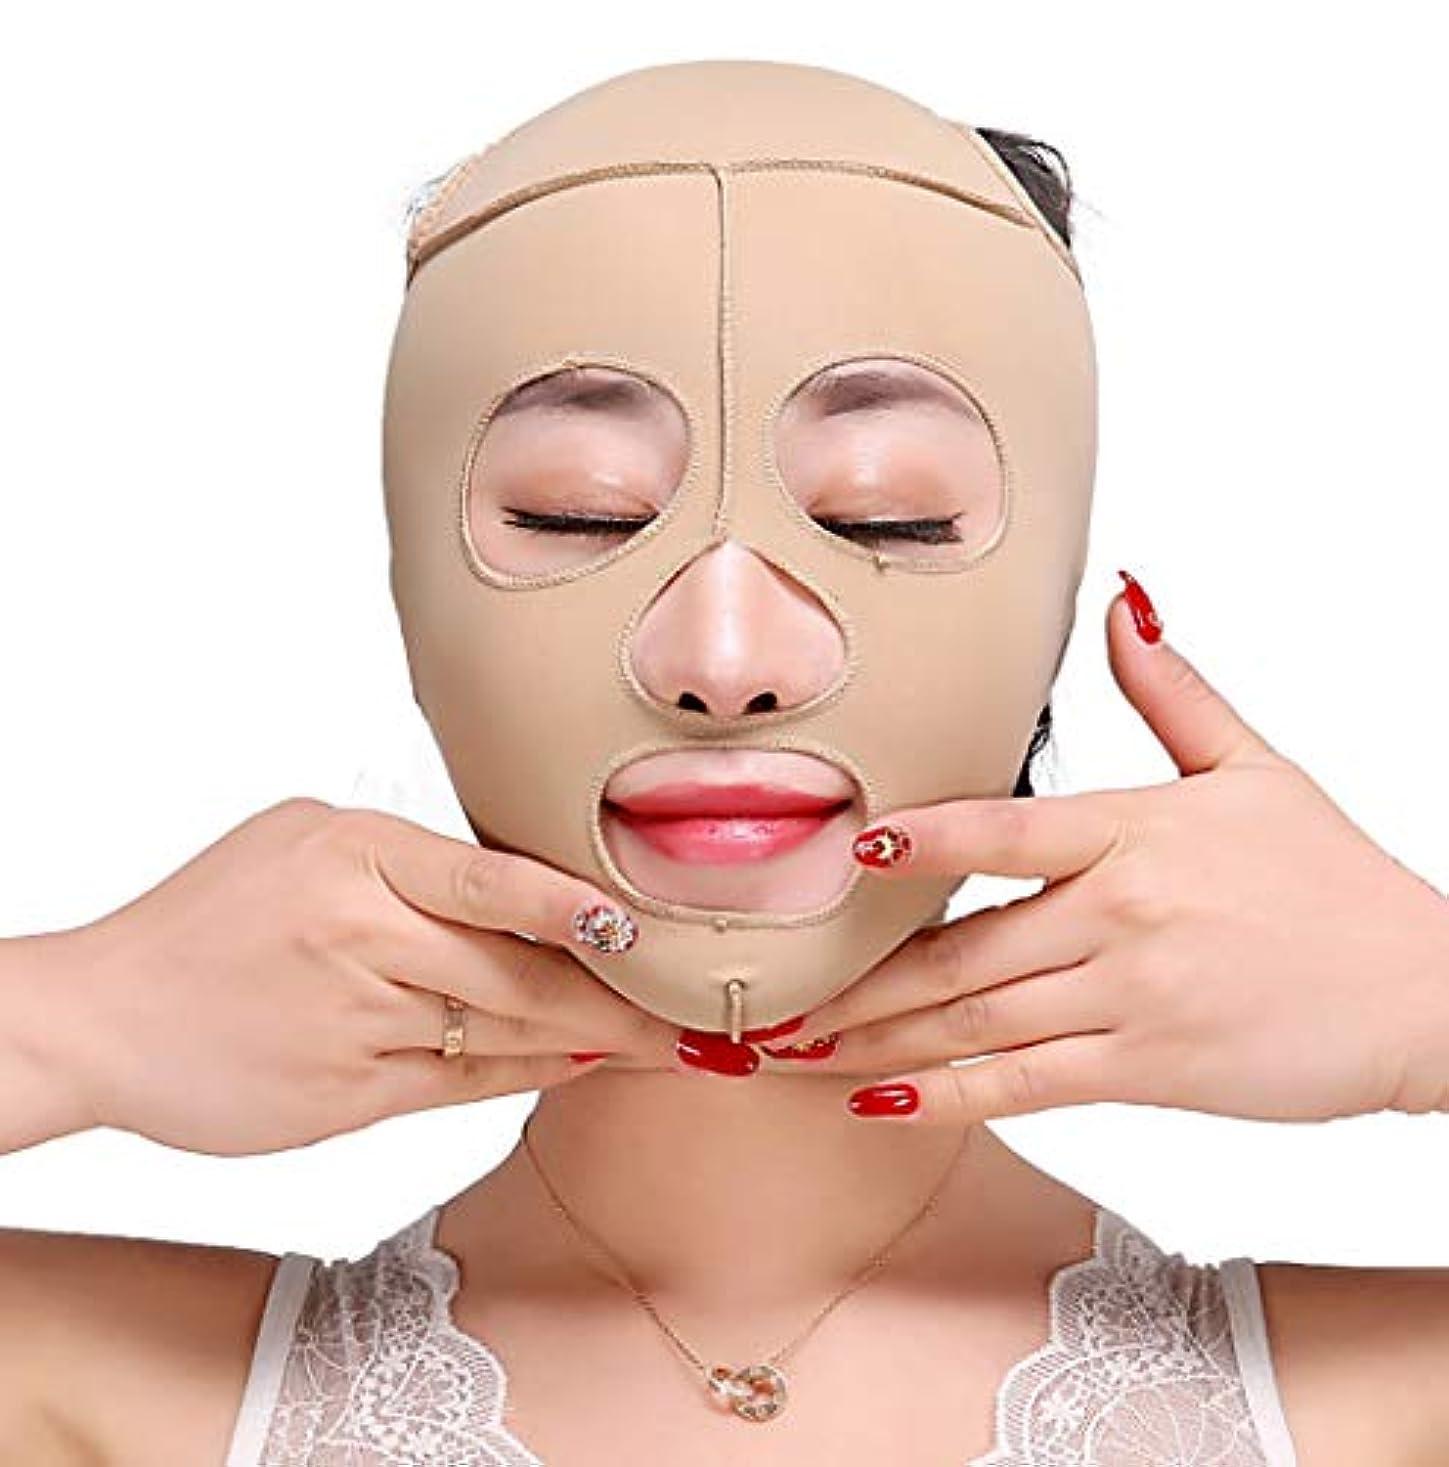 取り扱いキャスト表面GLJJQMY 痩身ベルト痩身ベルト薄い顔の包帯小V顔の顔の薄い顔のマスク包帯の強化引き締めV顔美容マスク小さな顔の包帯の頭飾り修正顔の形 顔用整形マスク (Size : M)